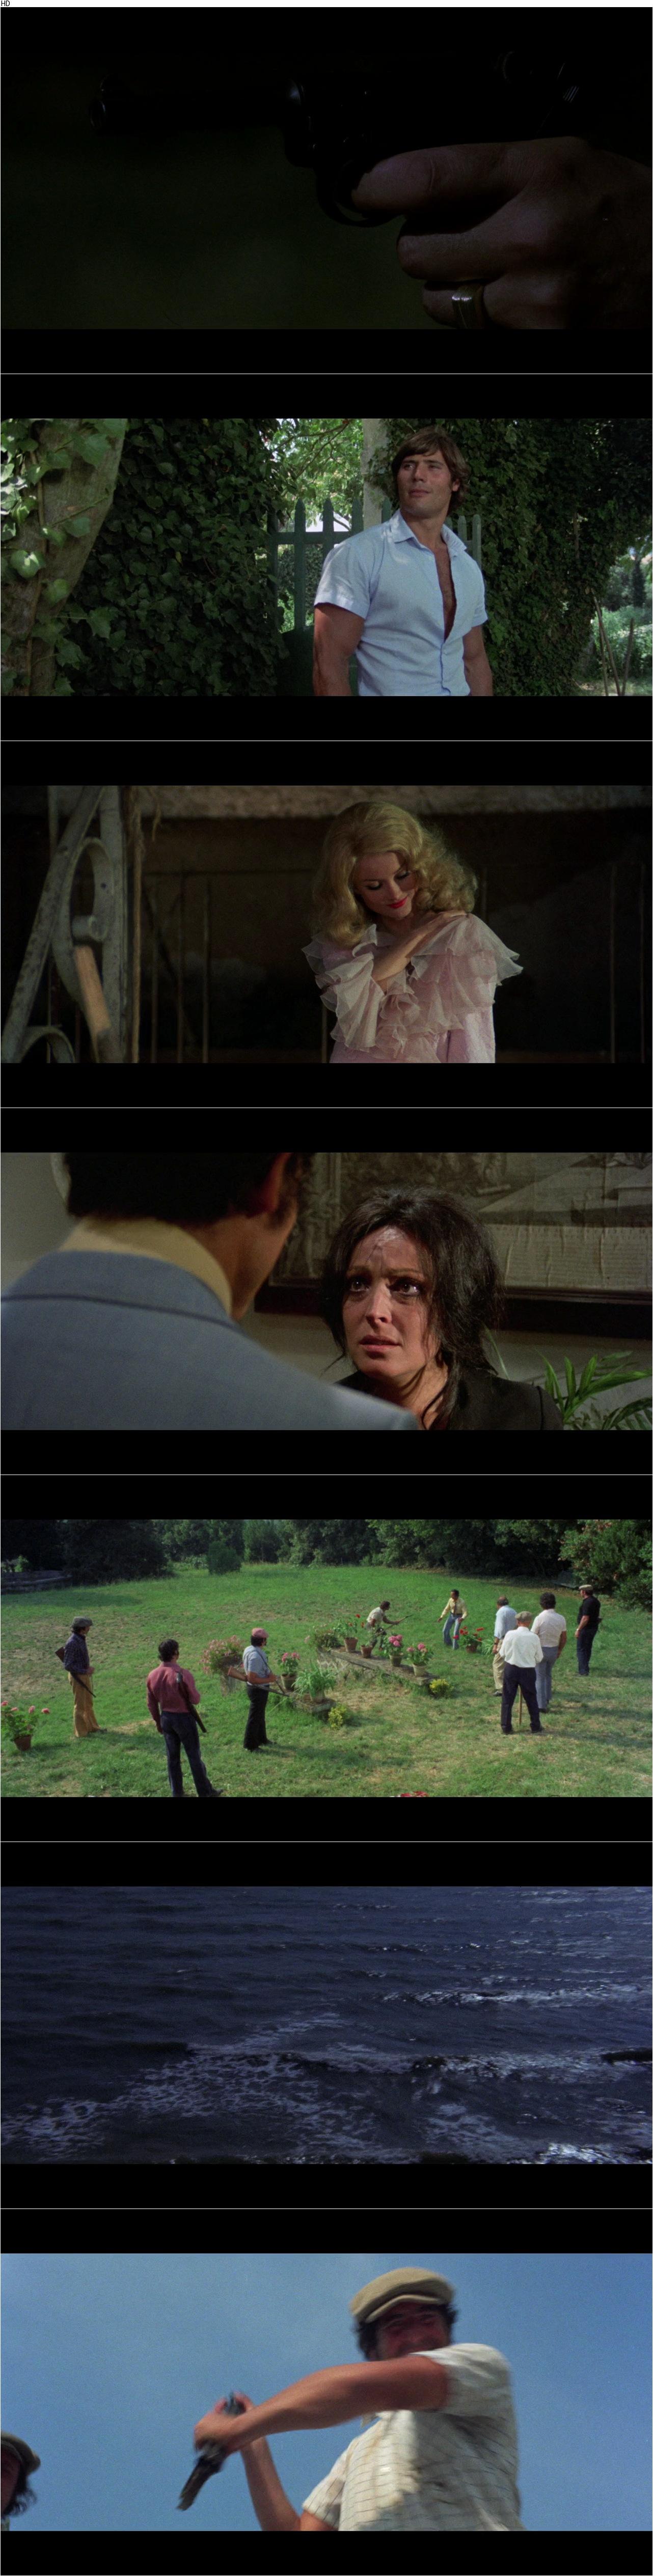 Cry of a Prostitute (1974) Quelli che contano